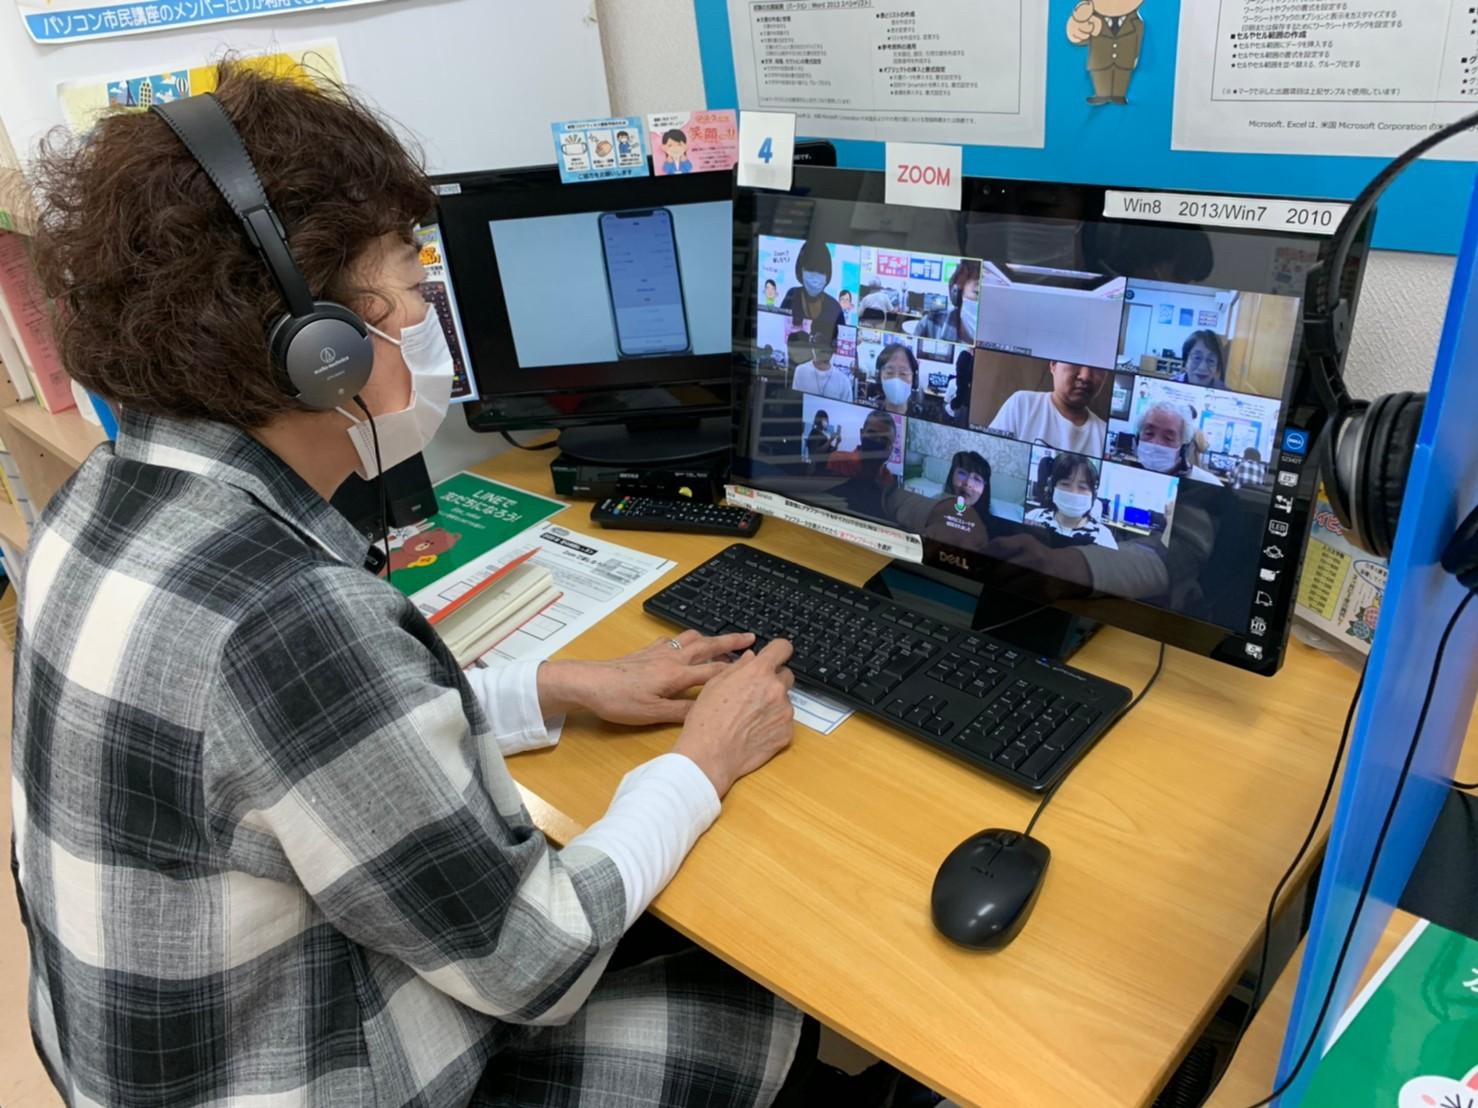 【パソコン市民講座】コロナ禍でもシニア世代へ最新ICTの学びを!3,000名以上が参加!Zoomで楽しむ特別イベント開催